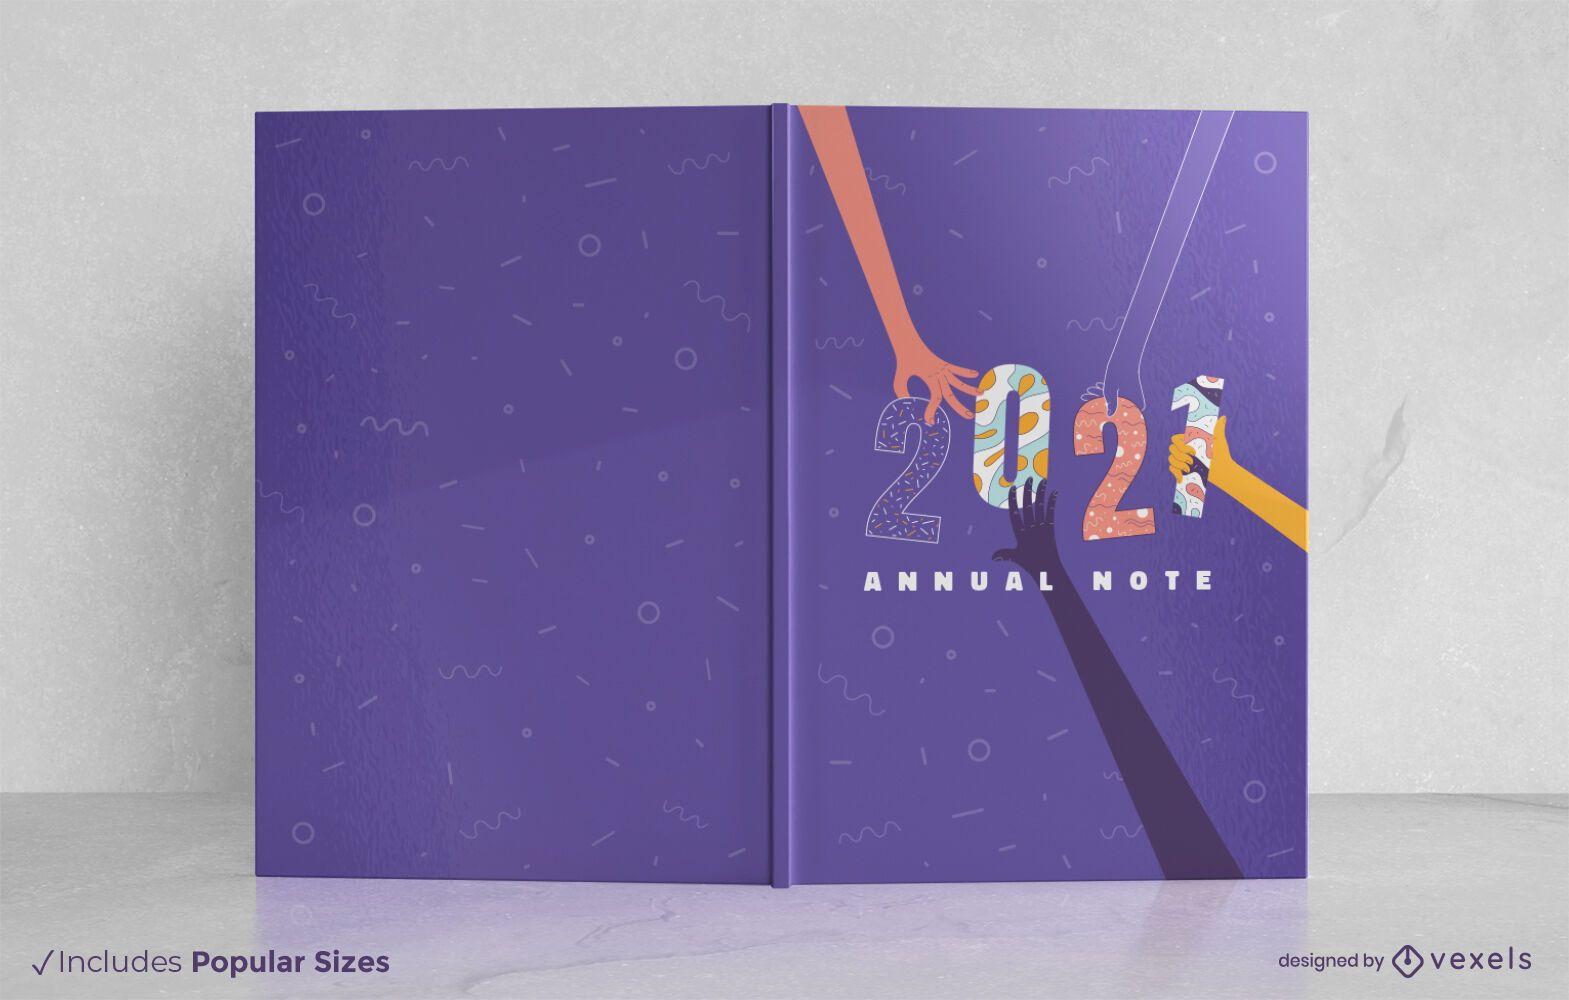 2021 book cover design